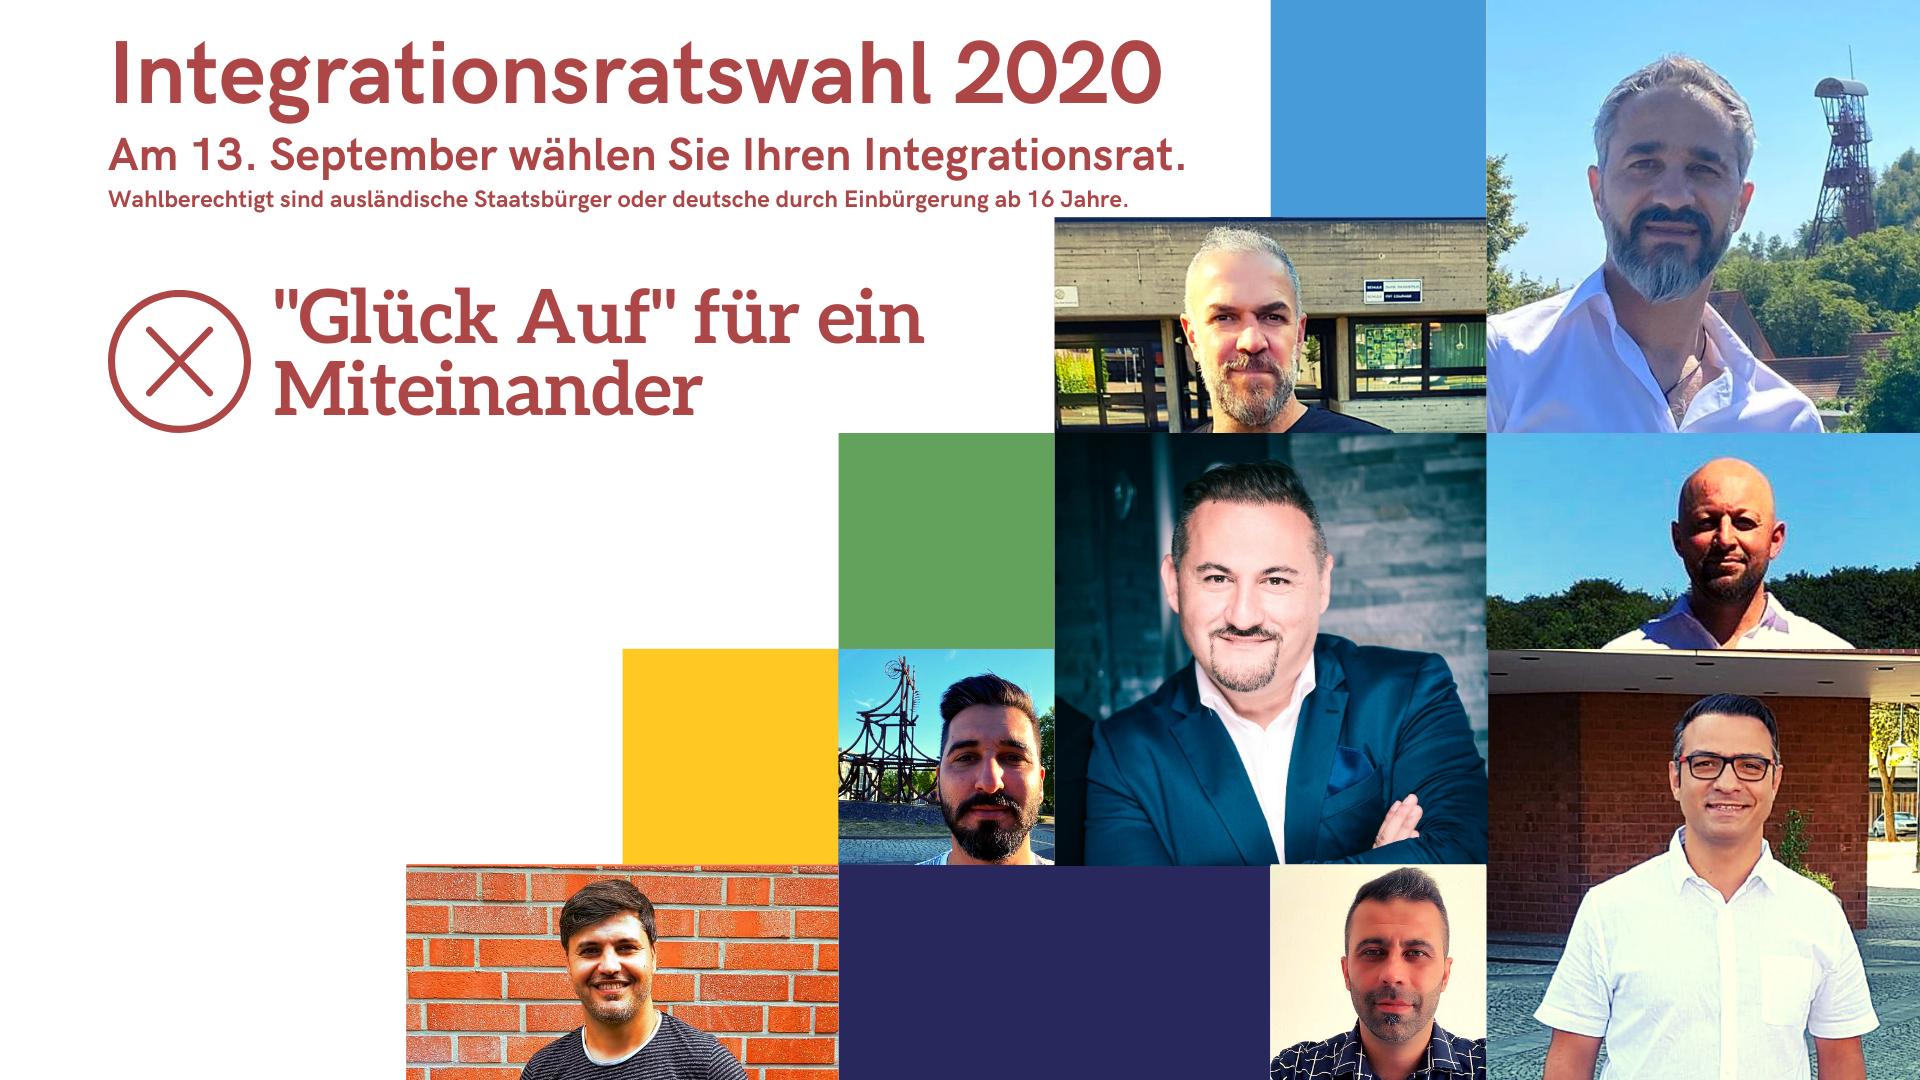 Integrationsratswahl 2020 in Hückelhoven